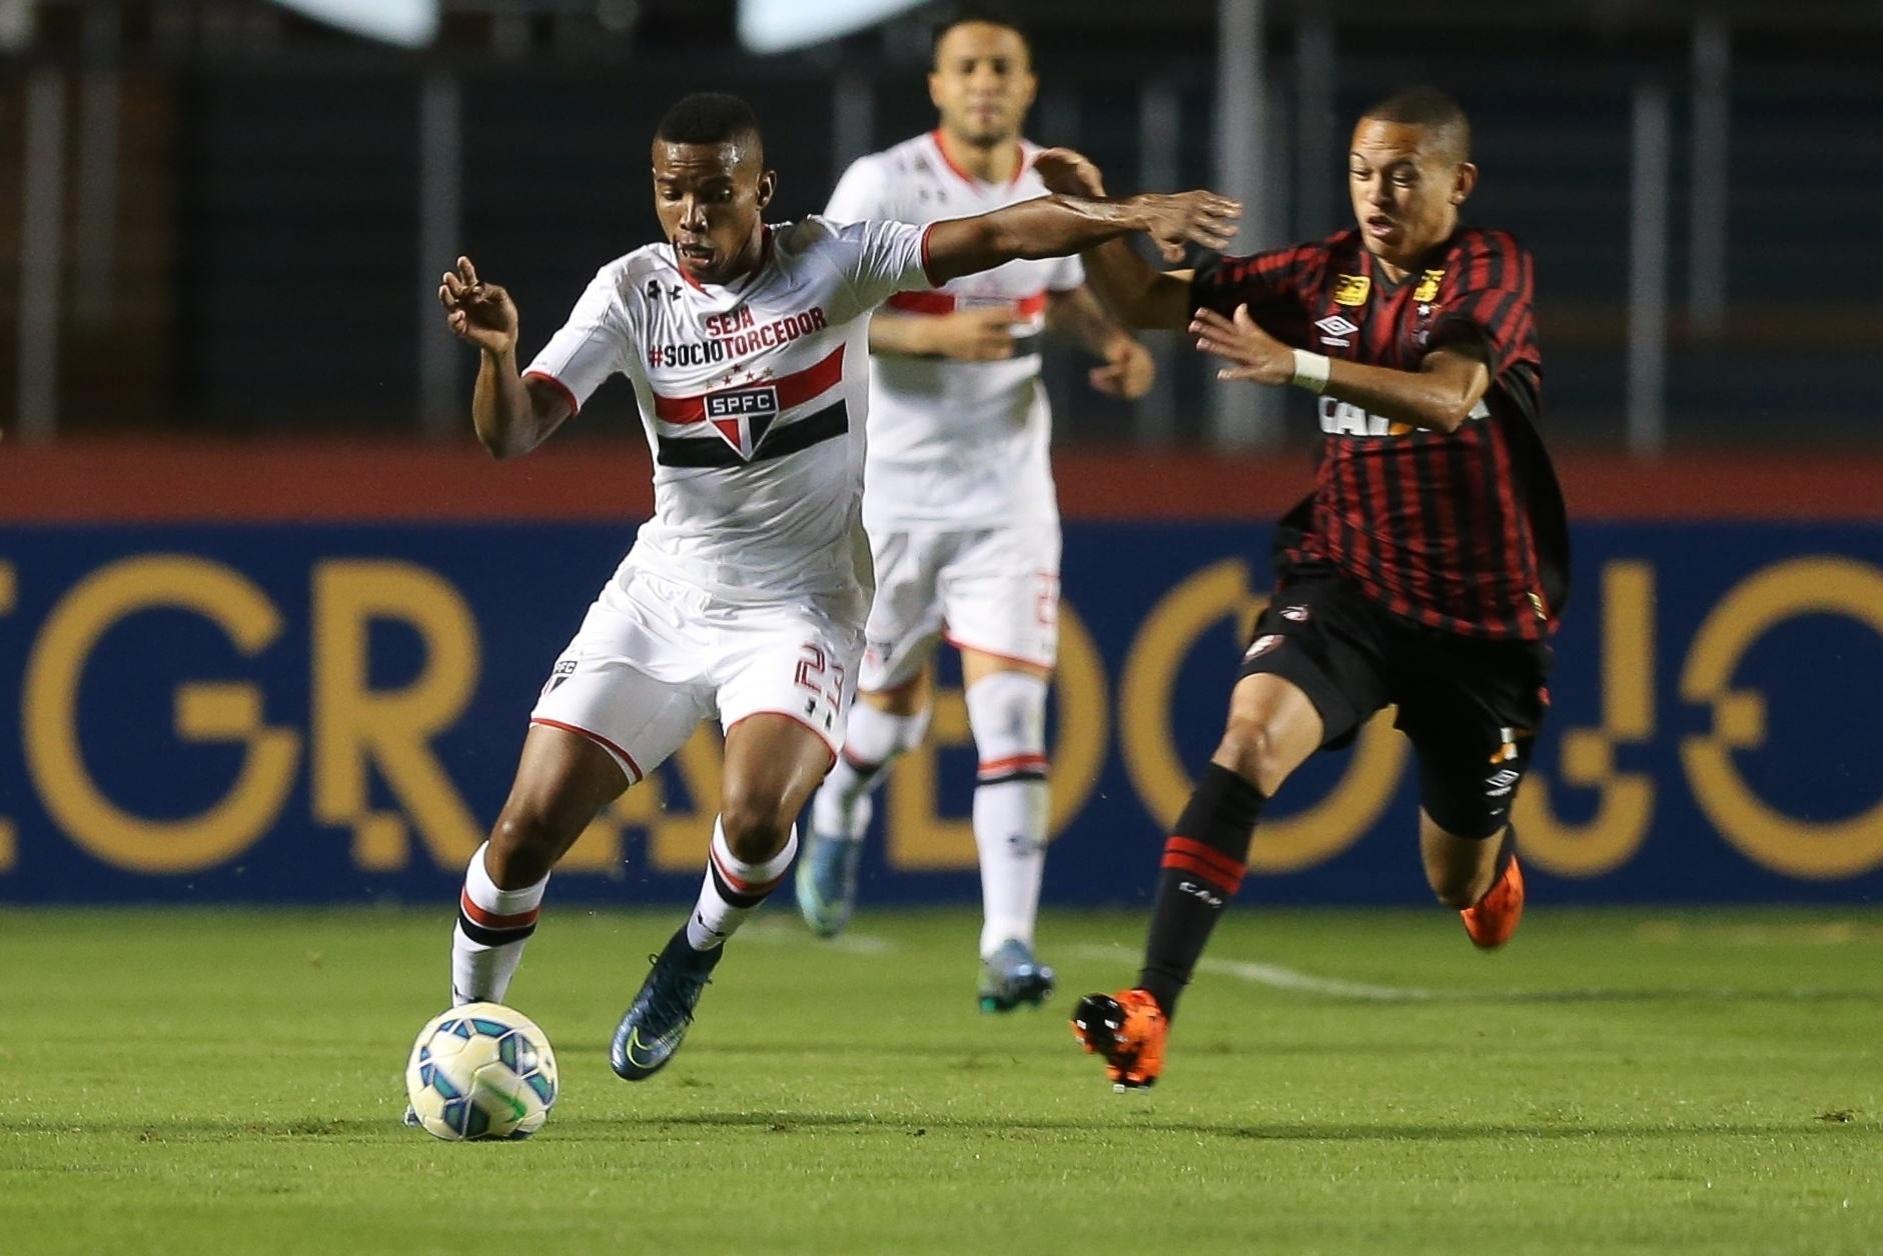 Thiago Mendes carrega a bola durante o jogo entre São Paulo e Atlético-PR